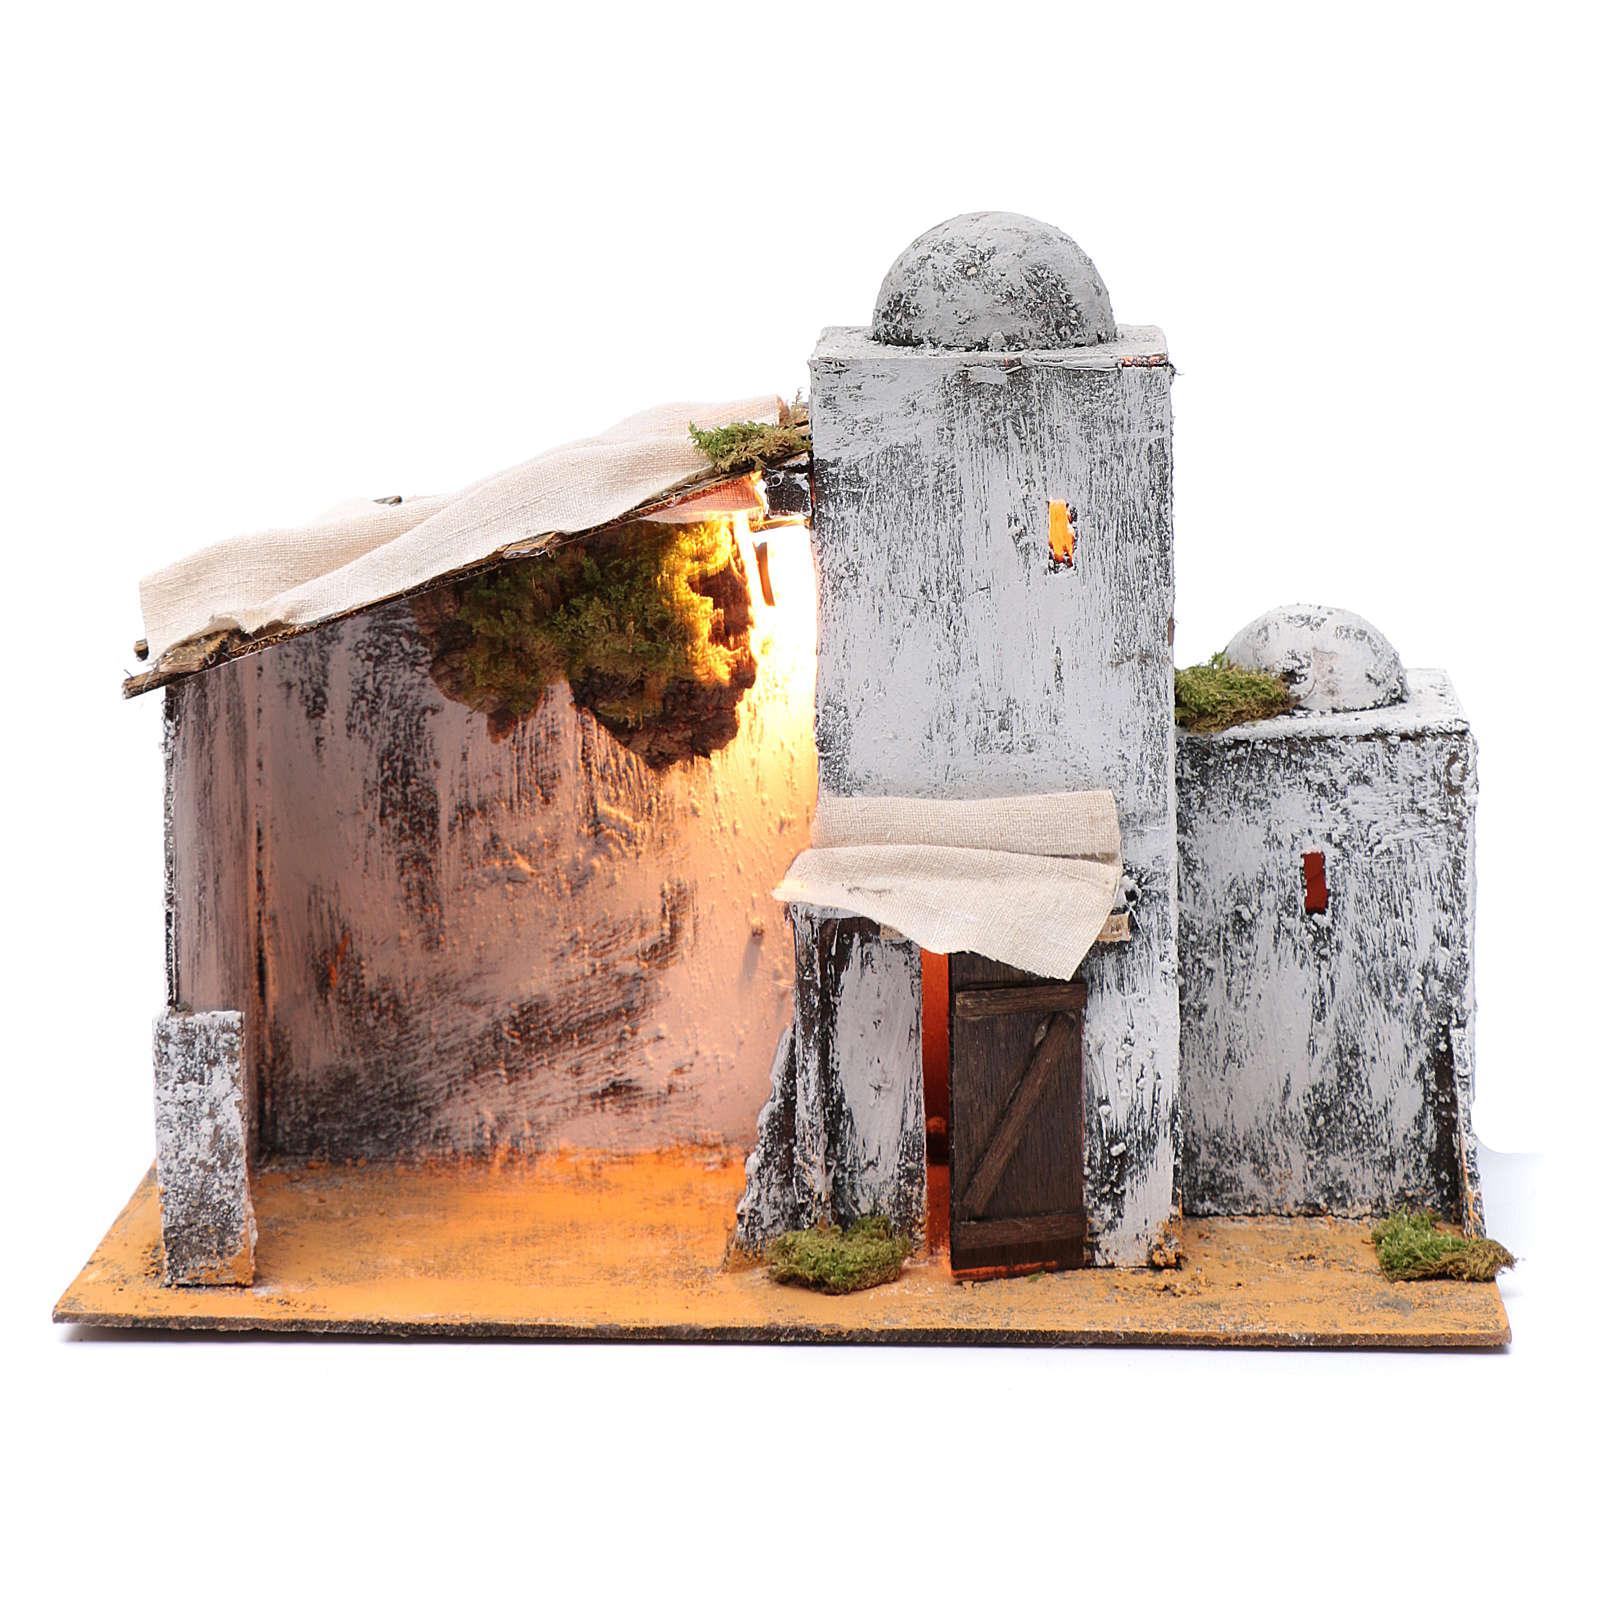 Ambientazione araba capanna 30x35x20 cm presepe Napoli 4